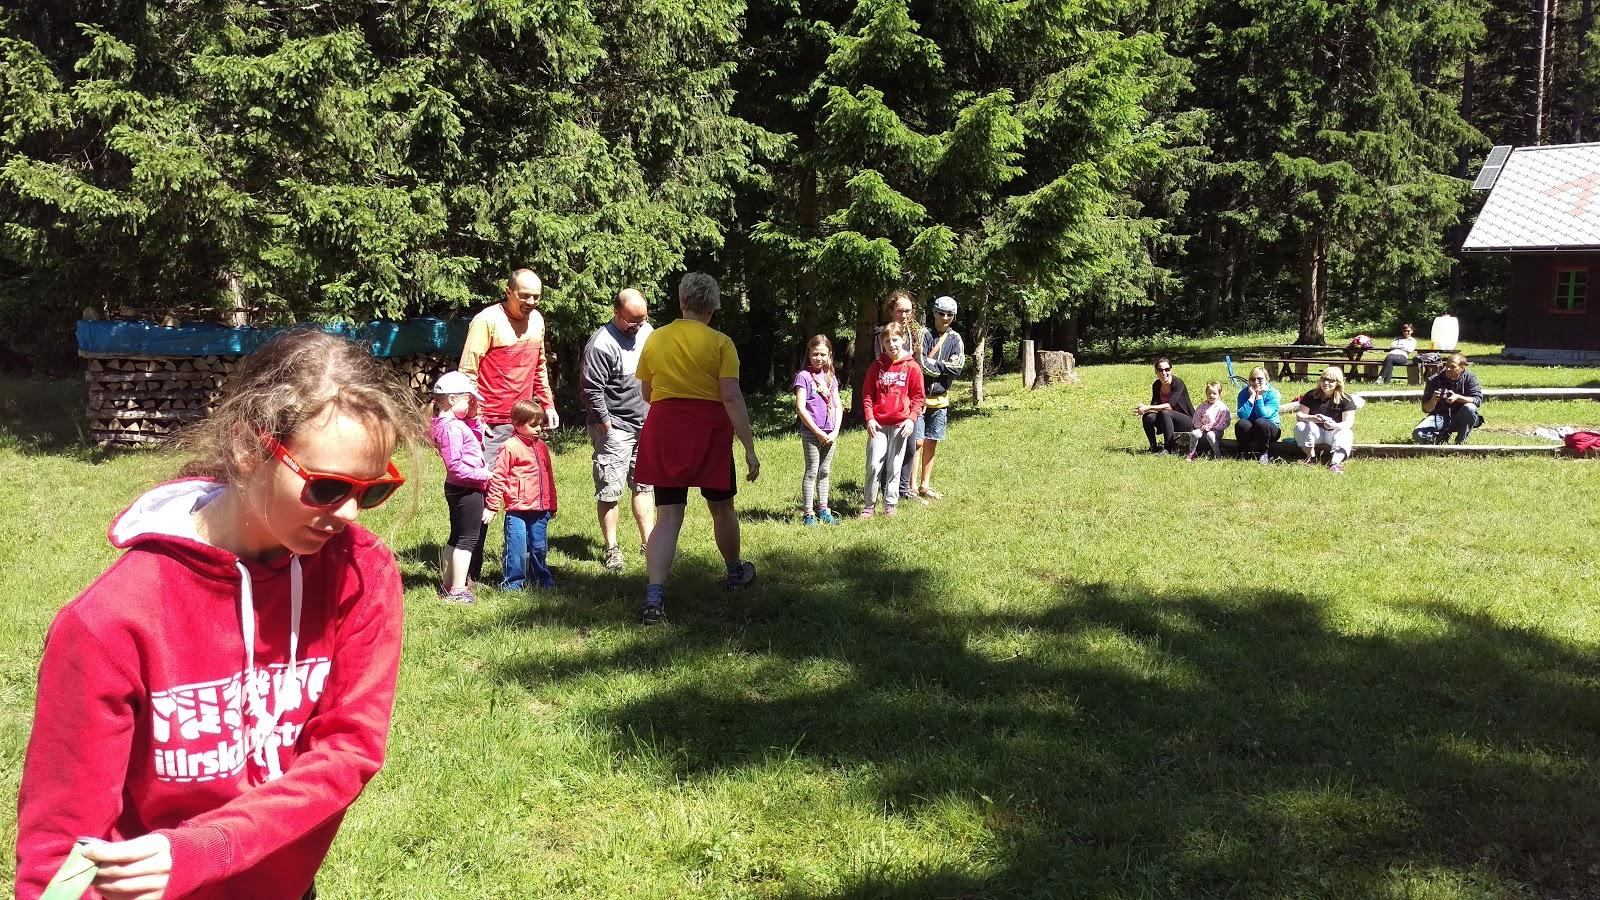 Piknik s starši 2015, Črni dol, 21. 6. 2015 - IMAG0180.jpg